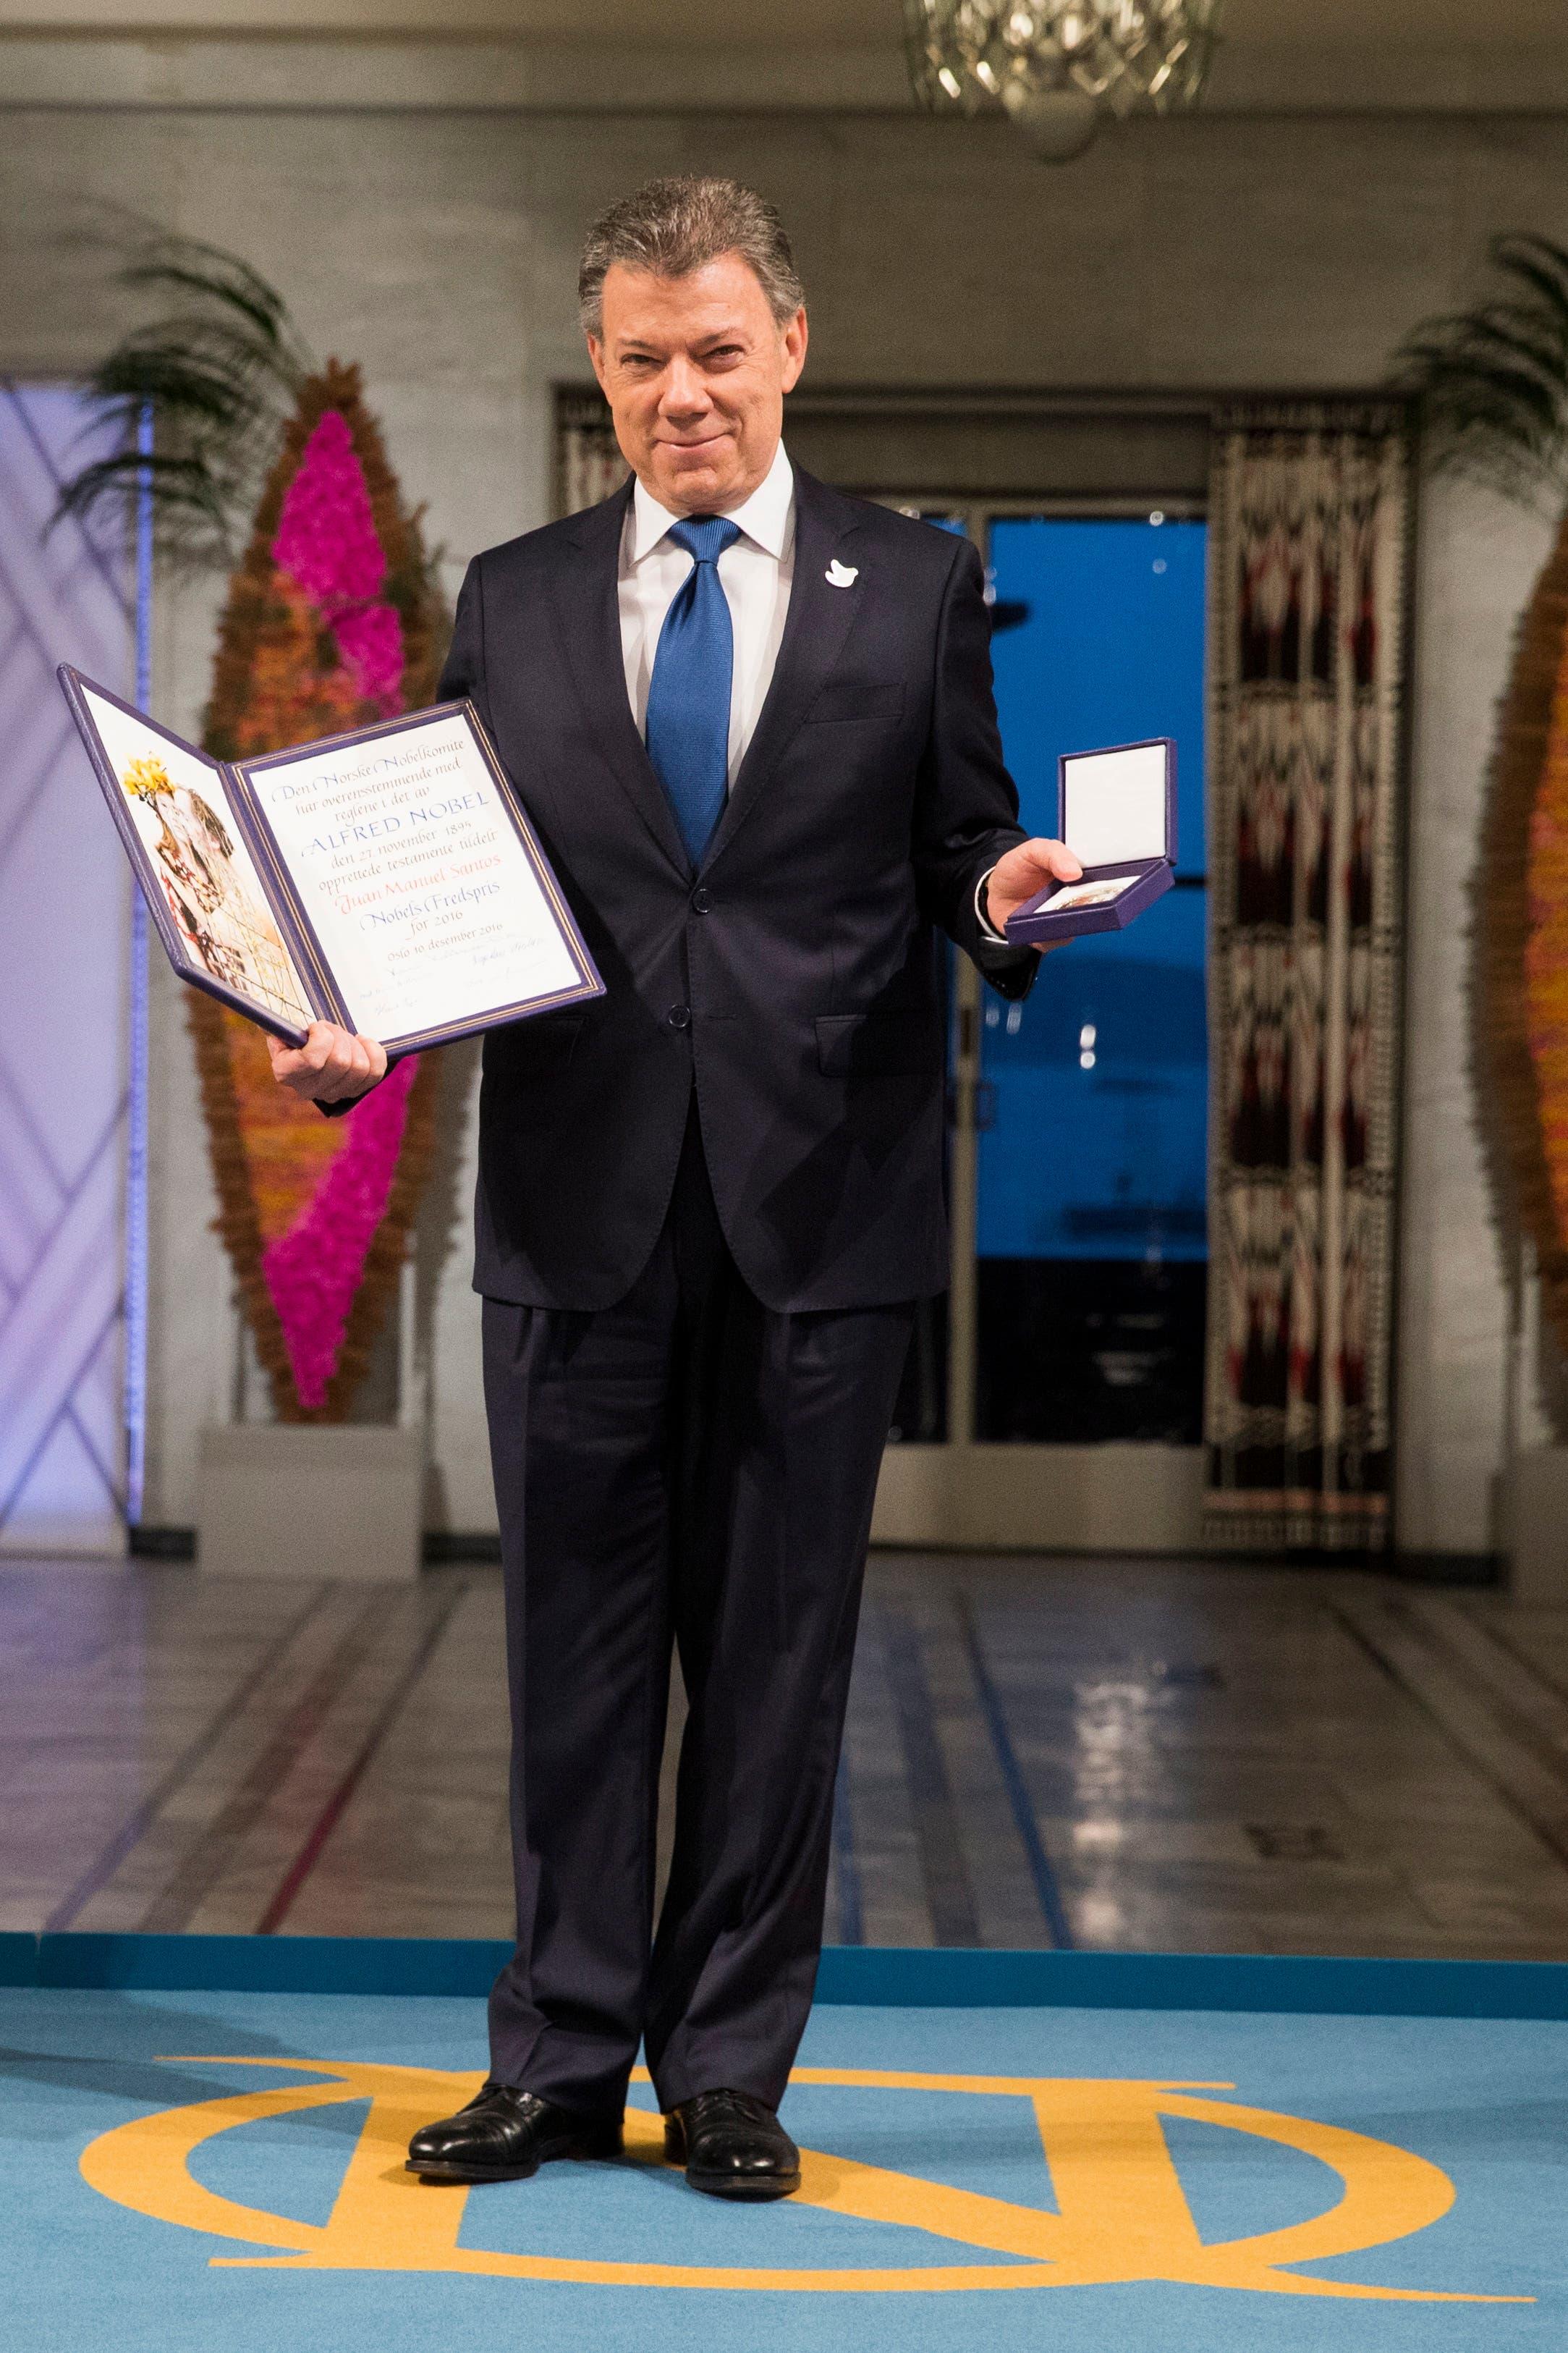 الرئيس الكولومبي خوان مانويل سانتوس الفائز بجائزة نوبل للسلام في 2016